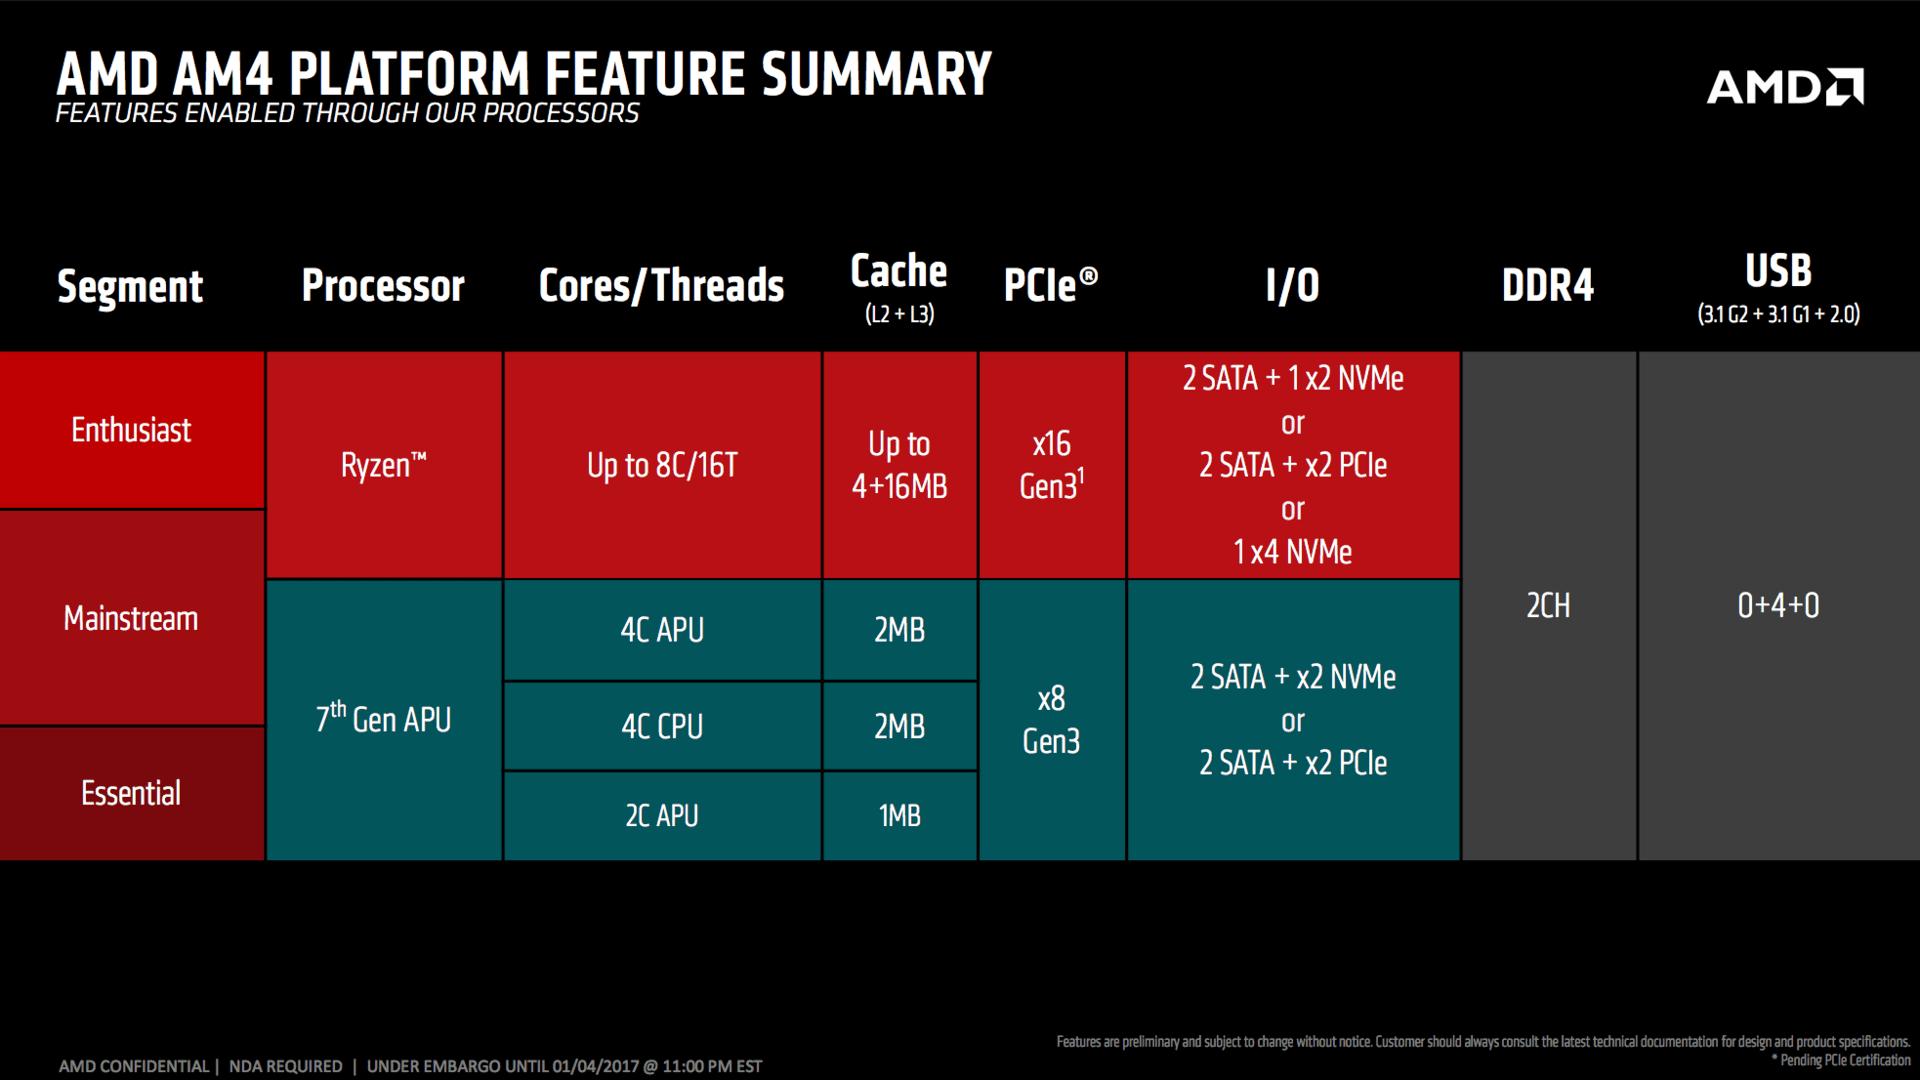 Features der Prozessoren